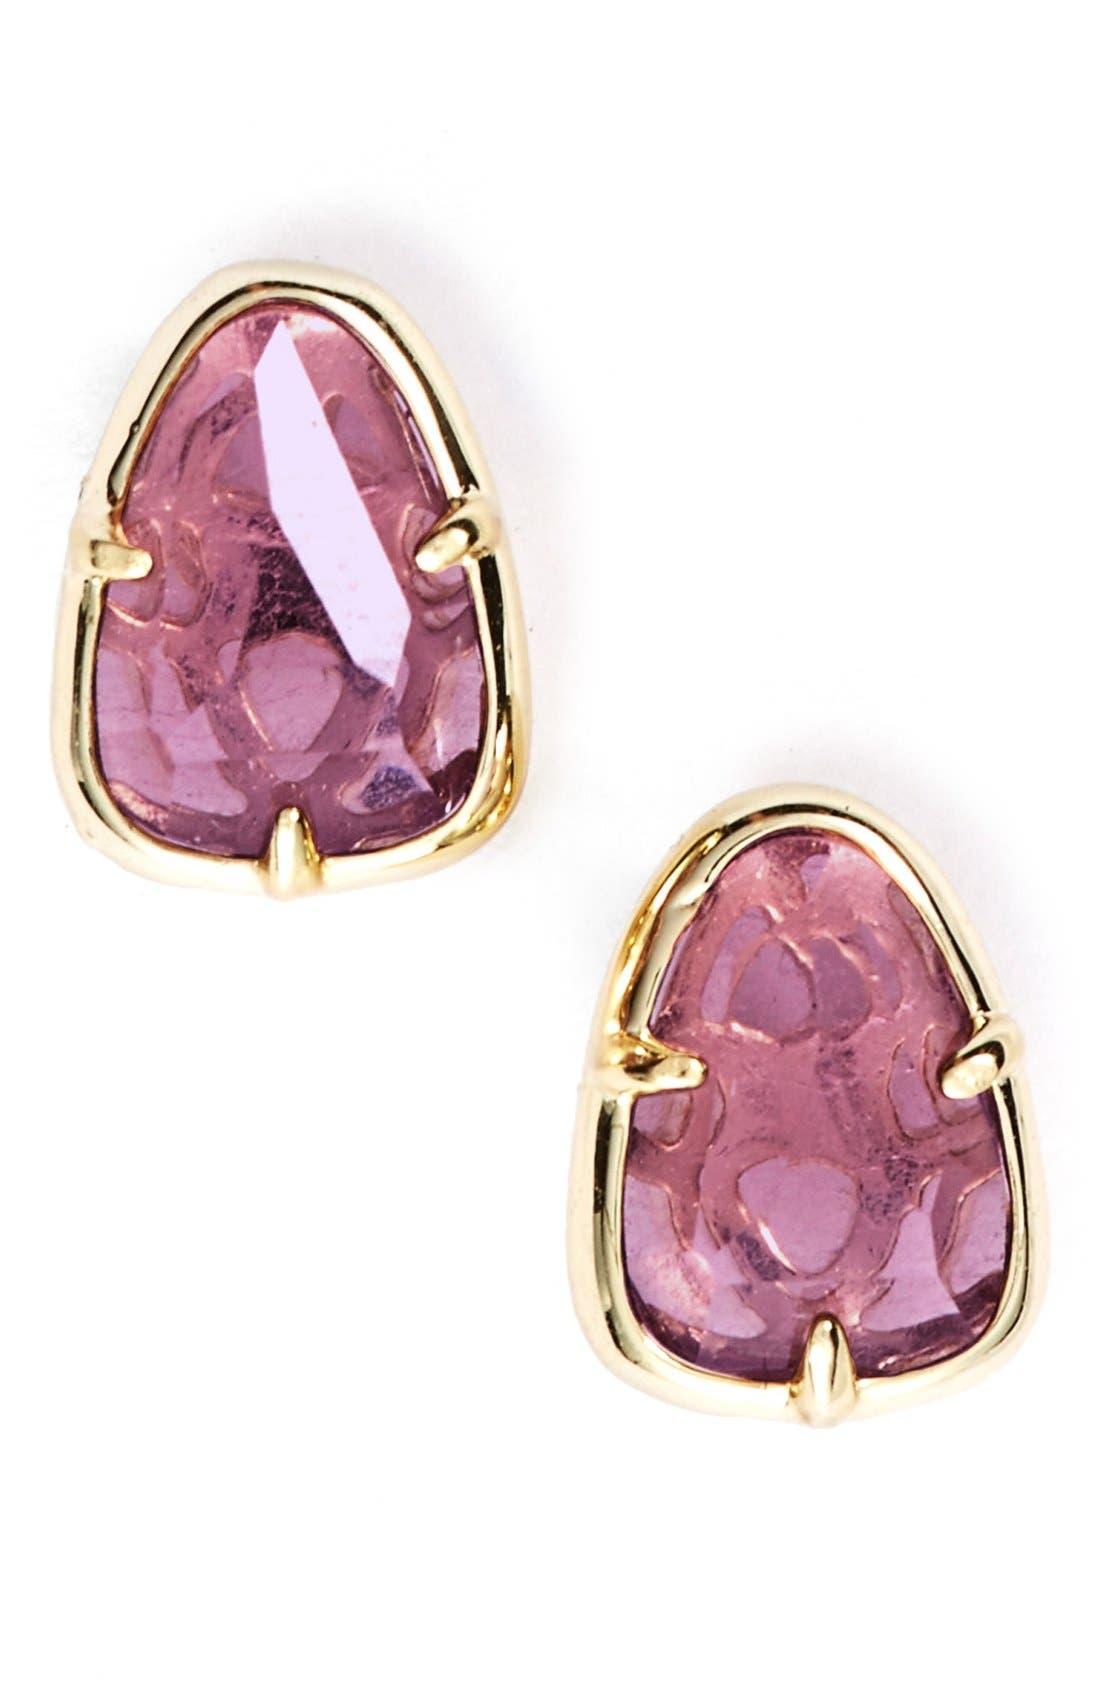 Main Image - Kendra Scott 'Hazel' Stone Stud Earrings